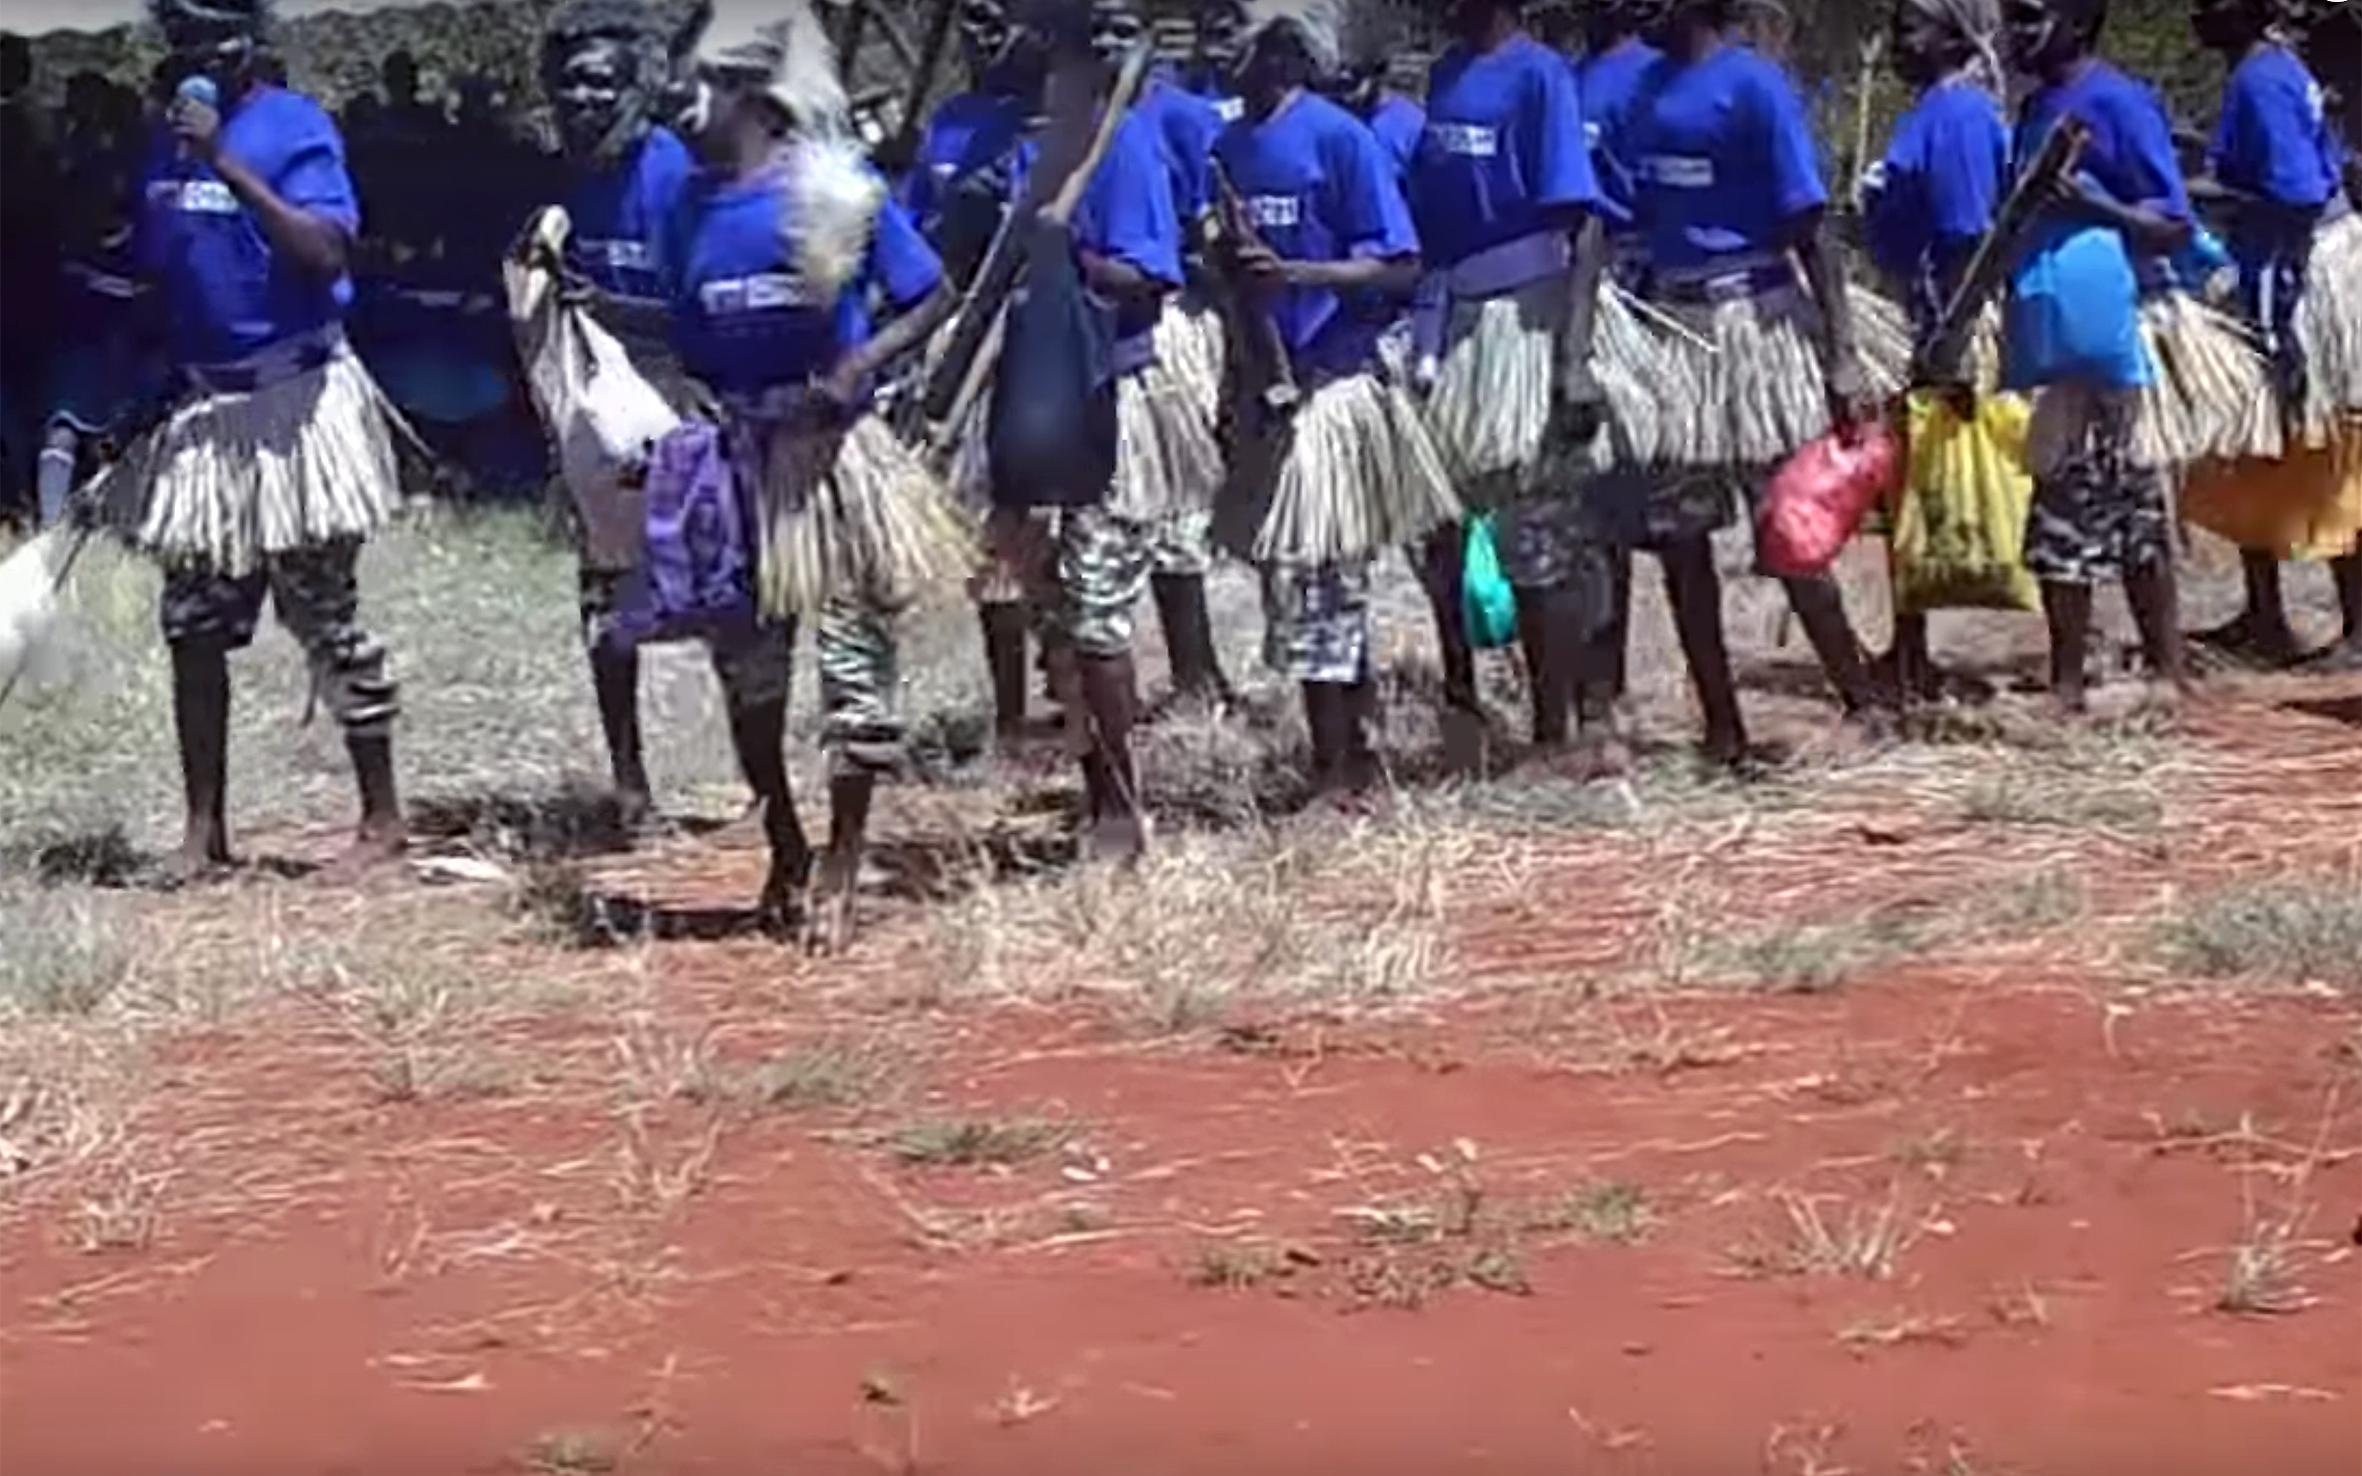 878.Tharaka DANCE / Kenya - Tharaka DANCE is a traditional dance of Tharaka people from Kenya.